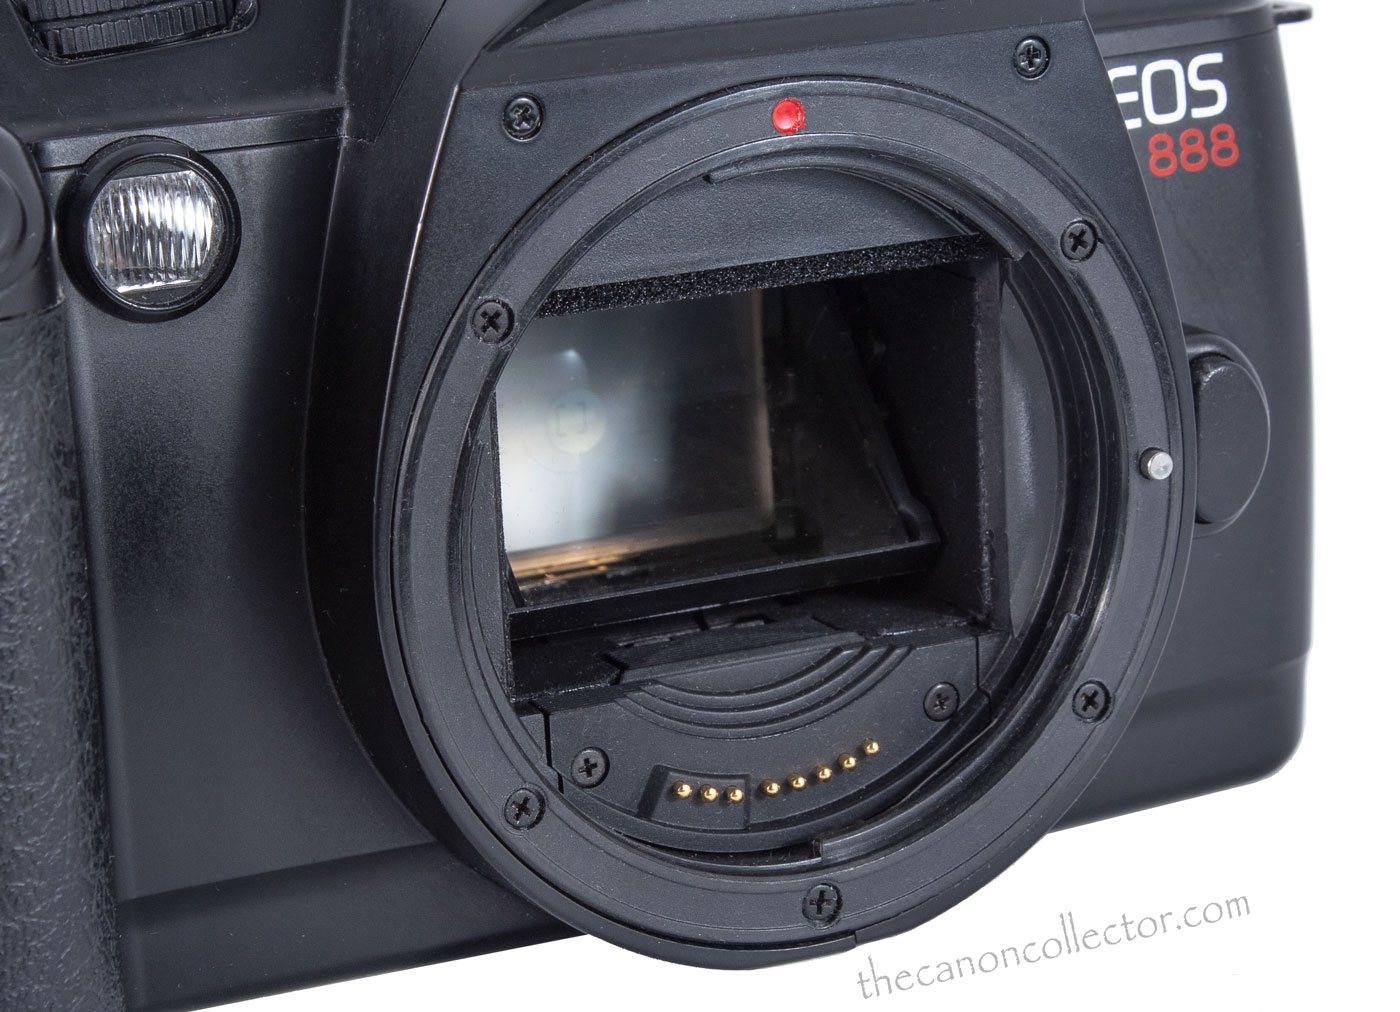 Canon EOS 888